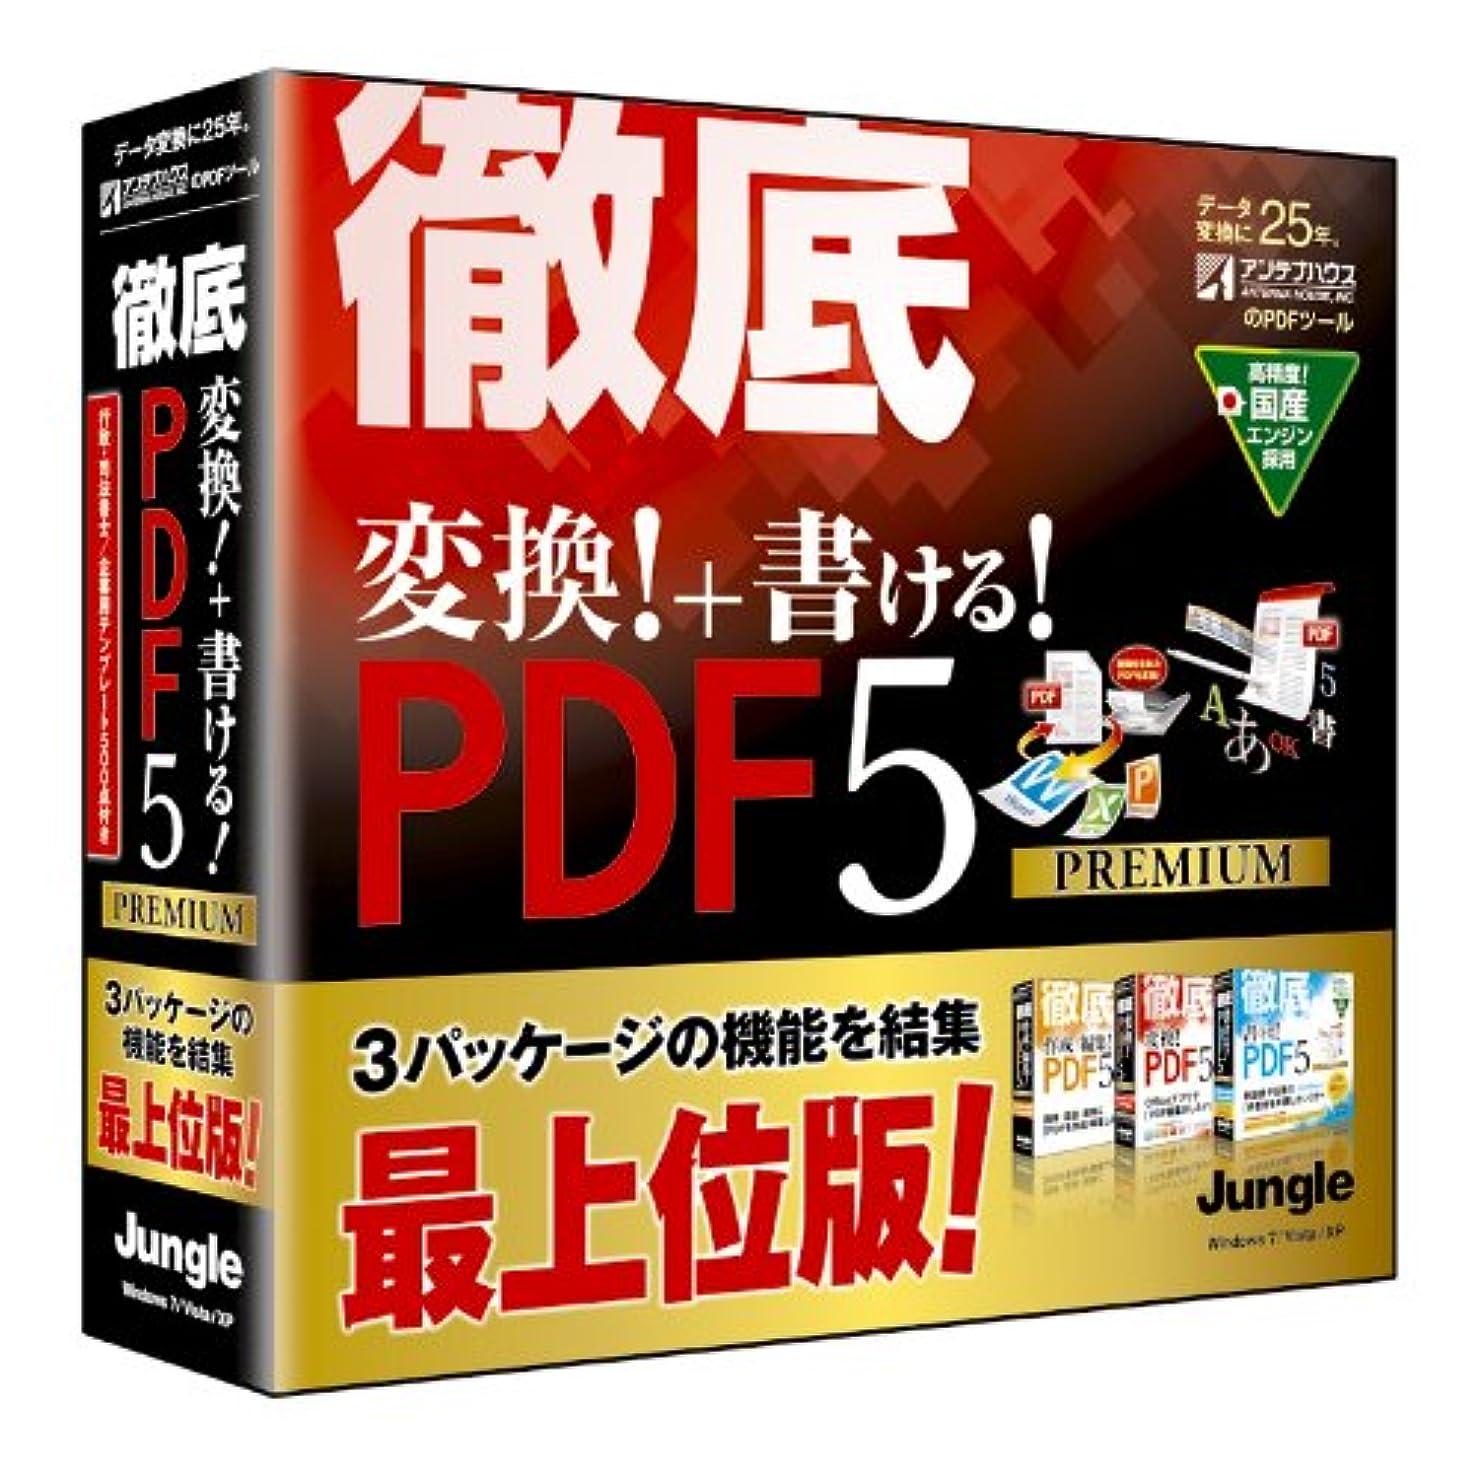 美人時系列妖精徹底 変換!+書ける!PDF5 Premium